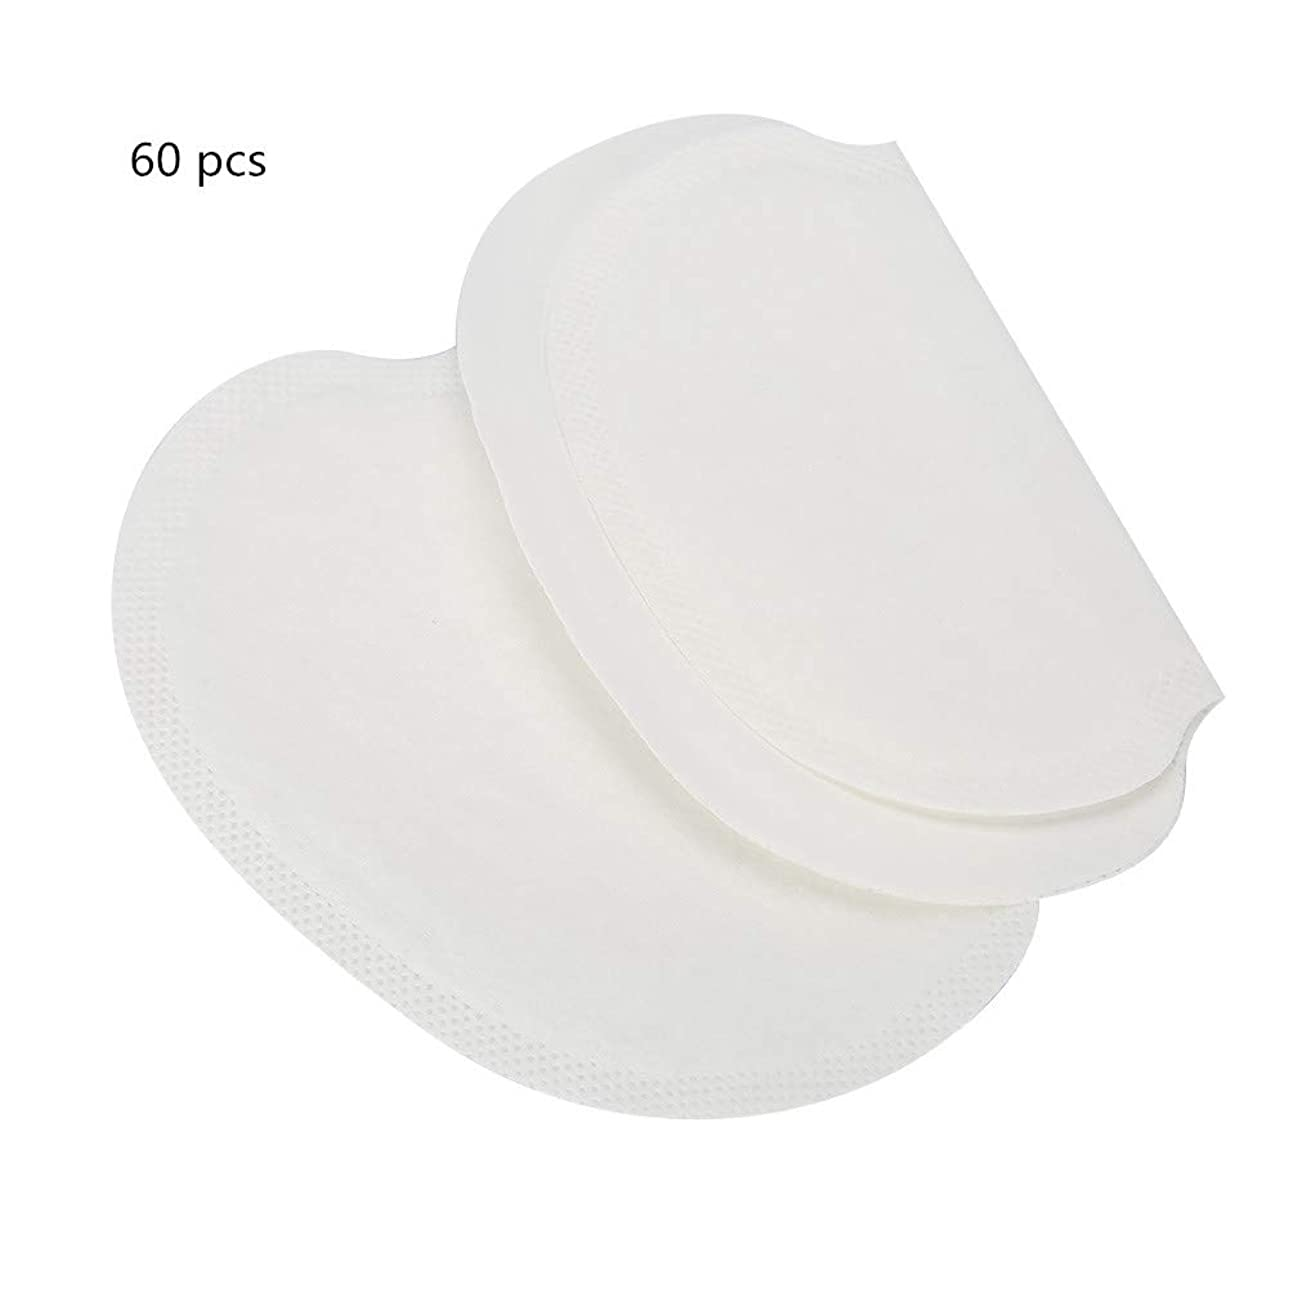 温室潮トレーダーわき汗パット,汗パッド60枚、吸収性の脇の下の汗パッド、汗をかくための使い捨て脇の下、男性と女性用、ソフト/非常に吸収性/無臭